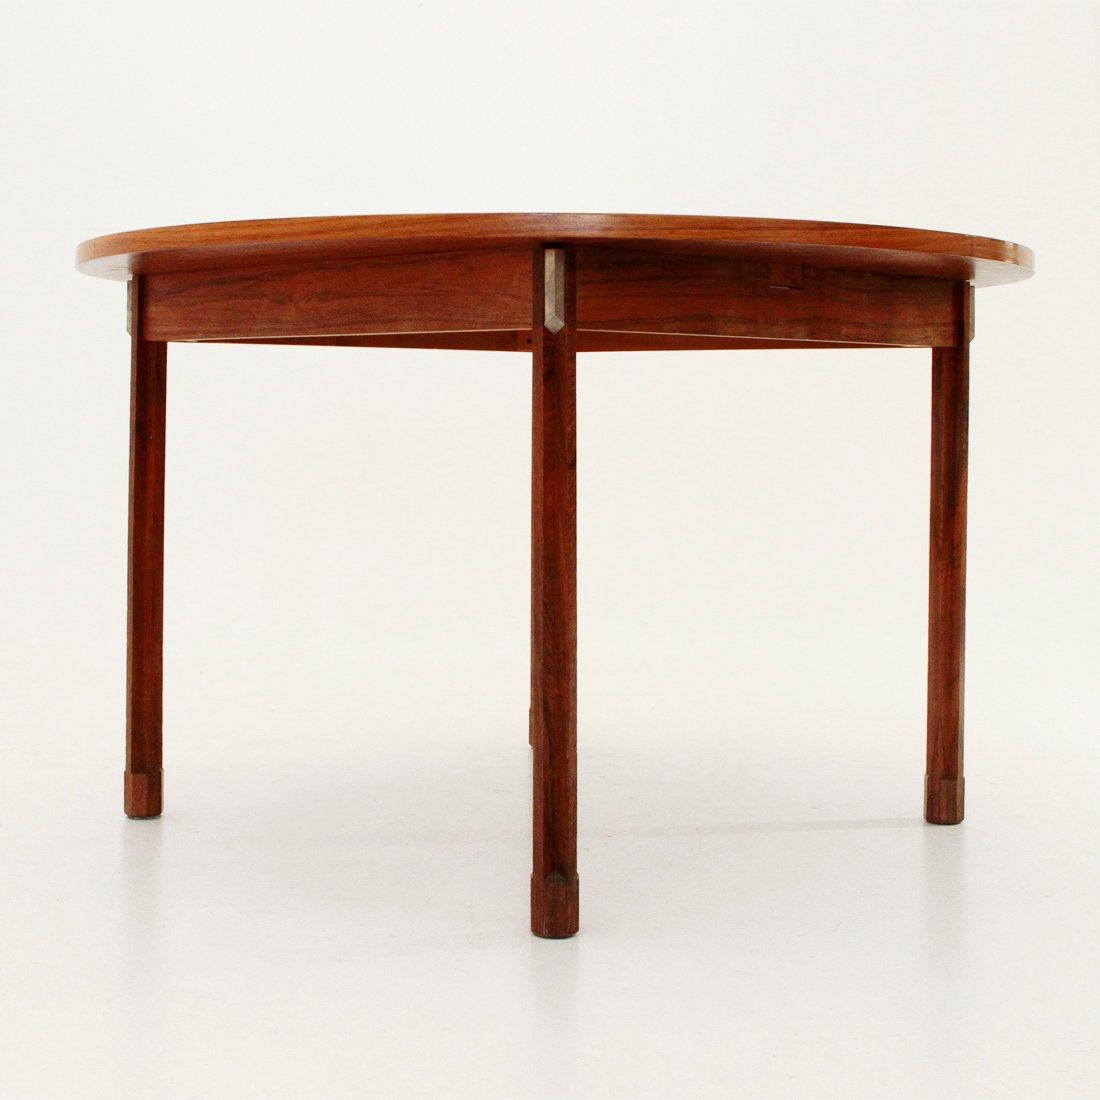 runder tisch aus holz aluminium von georges coslin f r 3v arredamenti 1960er bei pamono kaufen. Black Bedroom Furniture Sets. Home Design Ideas